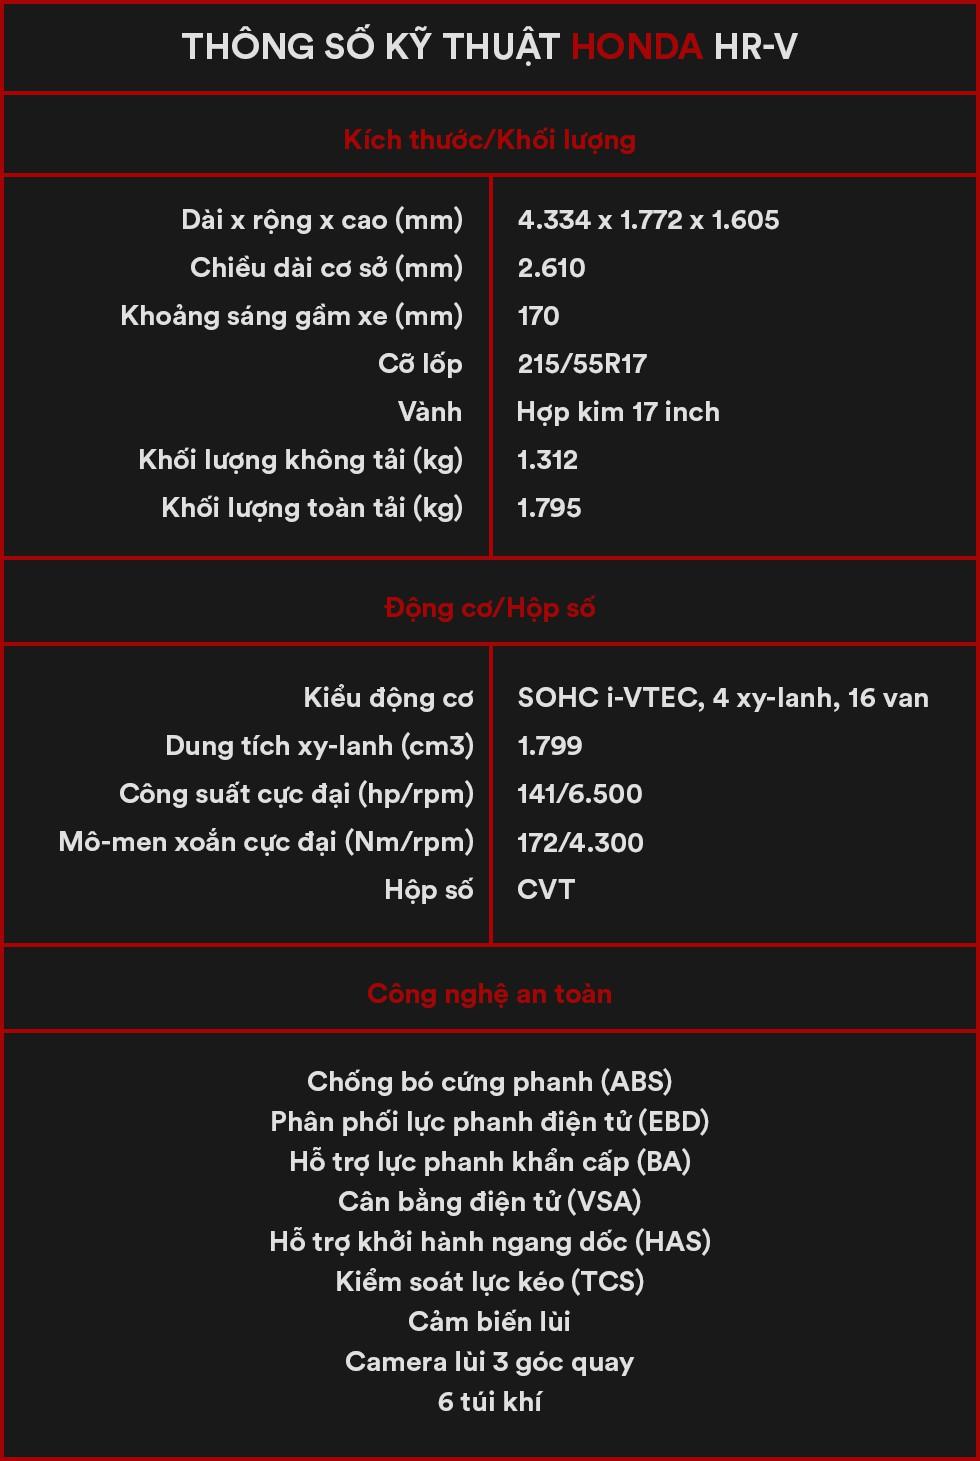 Đánh giá Honda HR-V: Thực dụng kiểu Nhật, đồ chơi kiểu Hàn và cách chiều lòng sự khó hiểu kiểu người Việt - Ảnh 24.